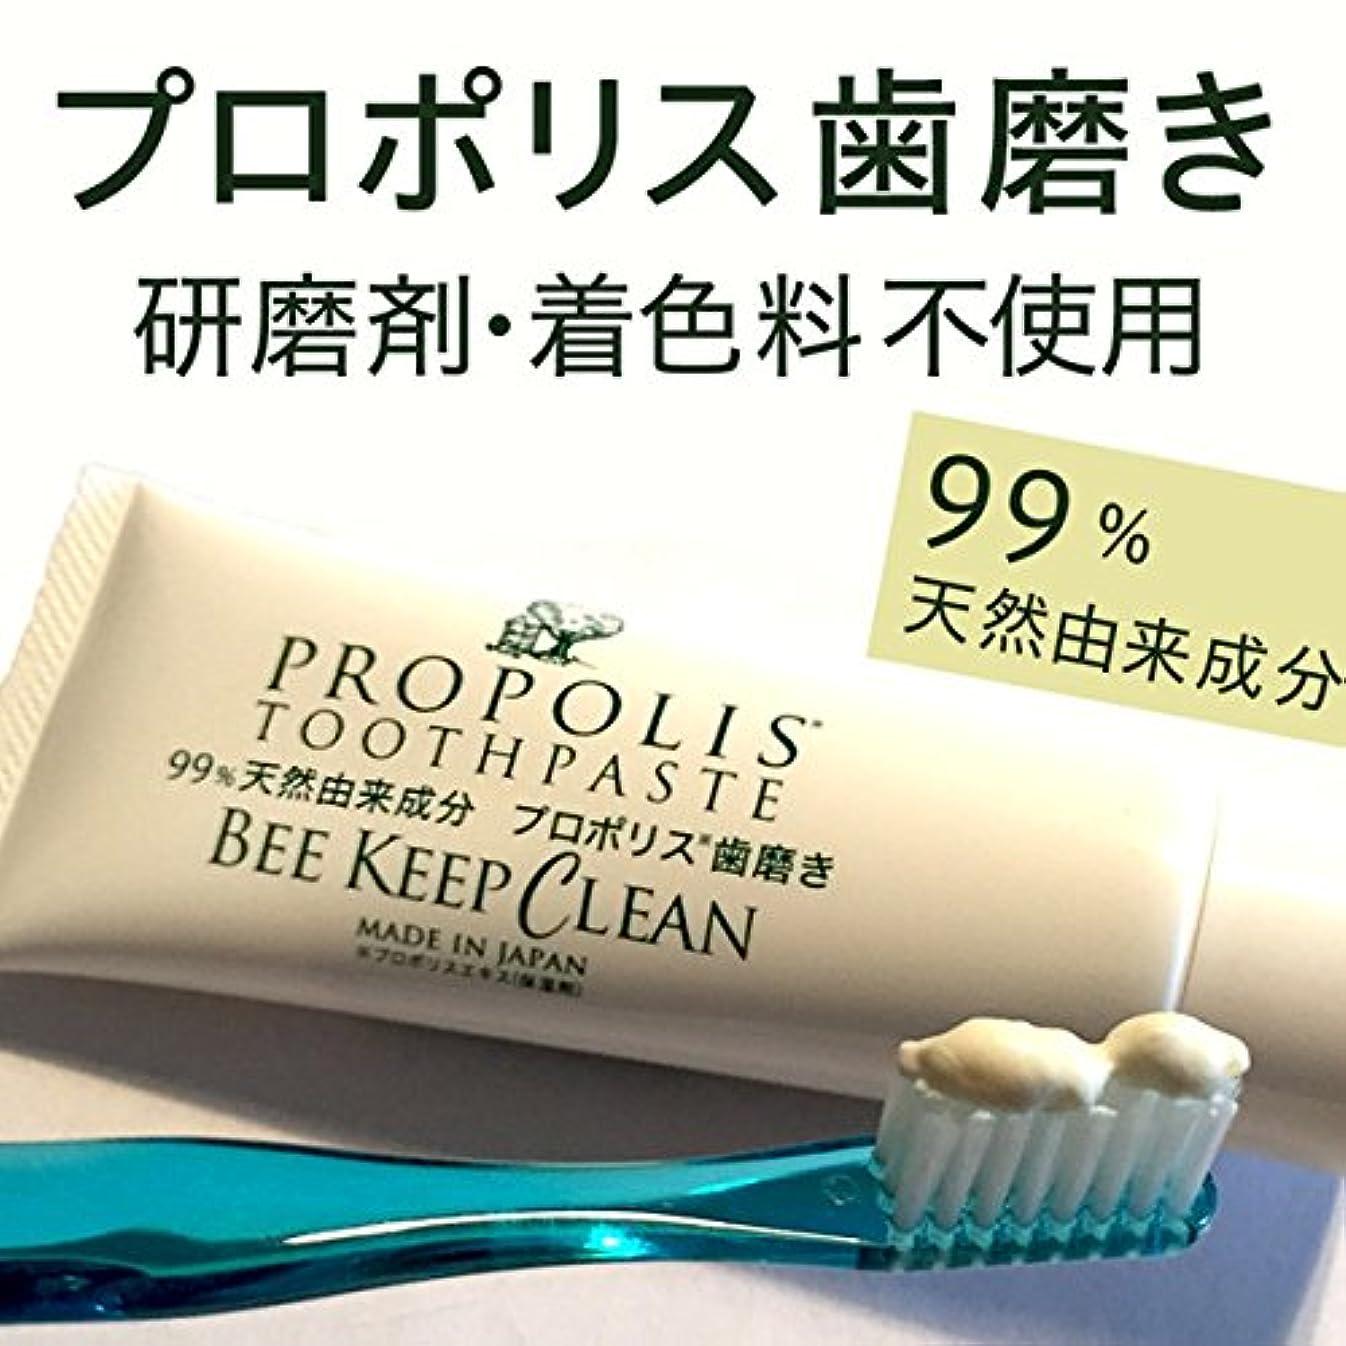 リンス過敏なブロッサムプロポリス歯磨きビーキープクリーン100g